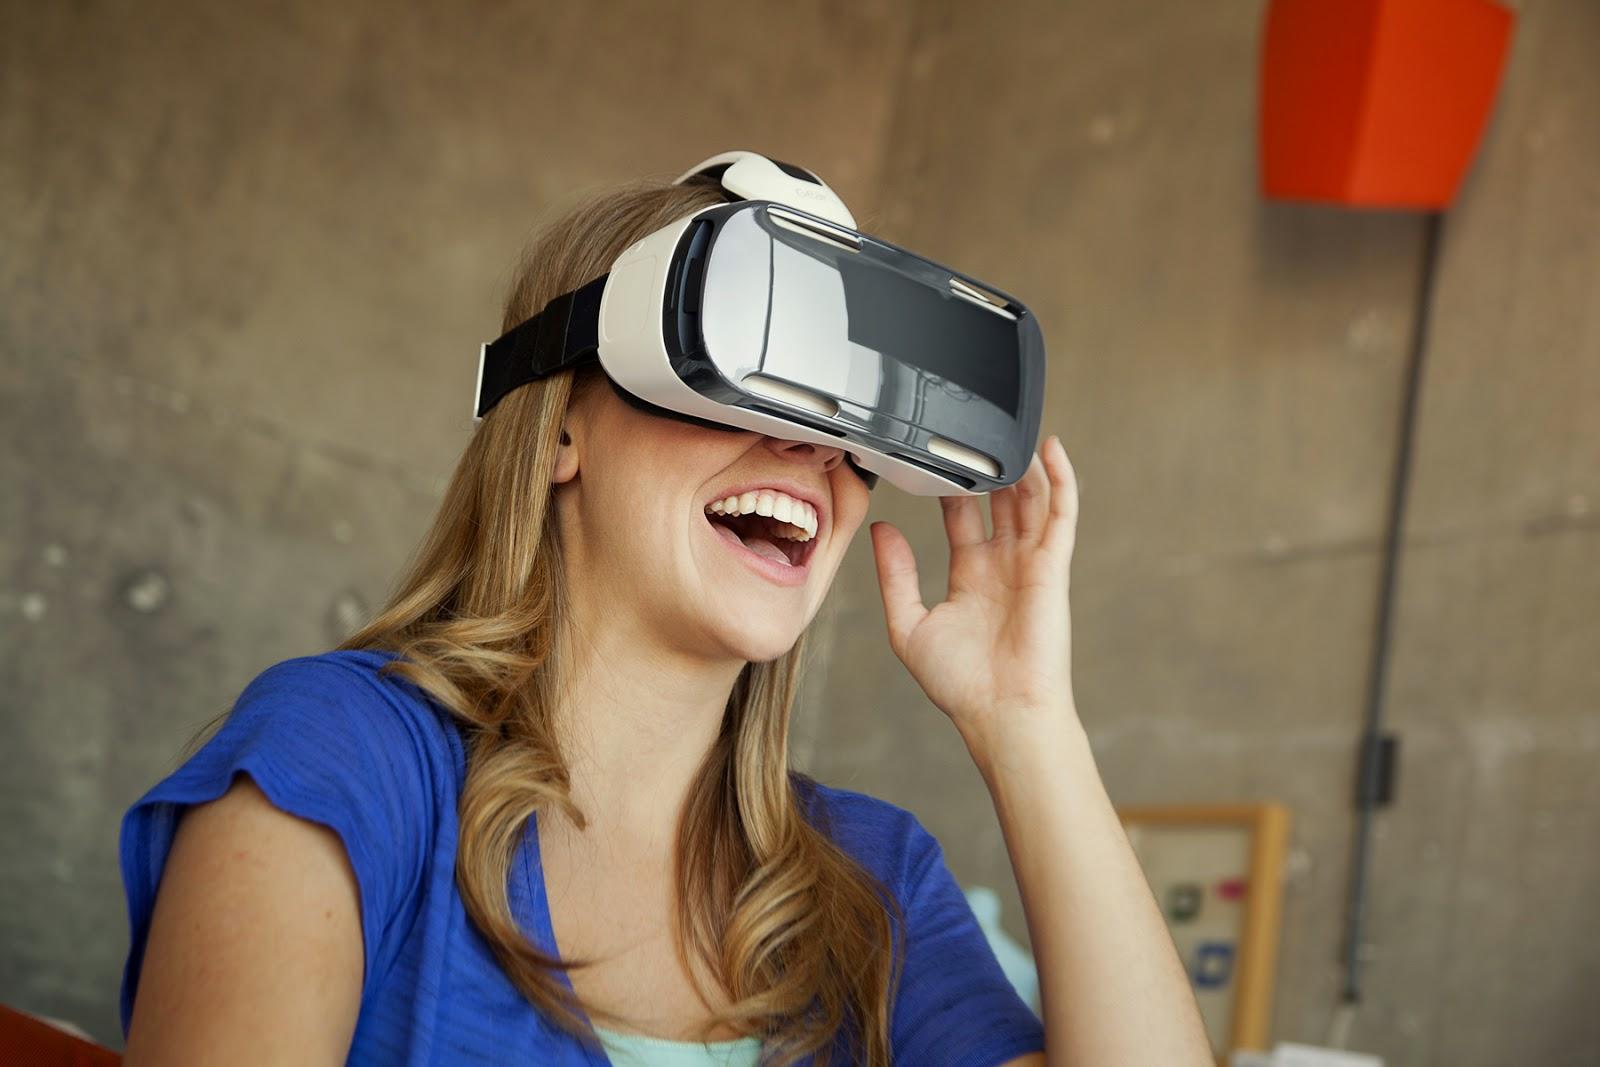 Msc Crociere lancia la realtà virtuale immersiva unica al mondo